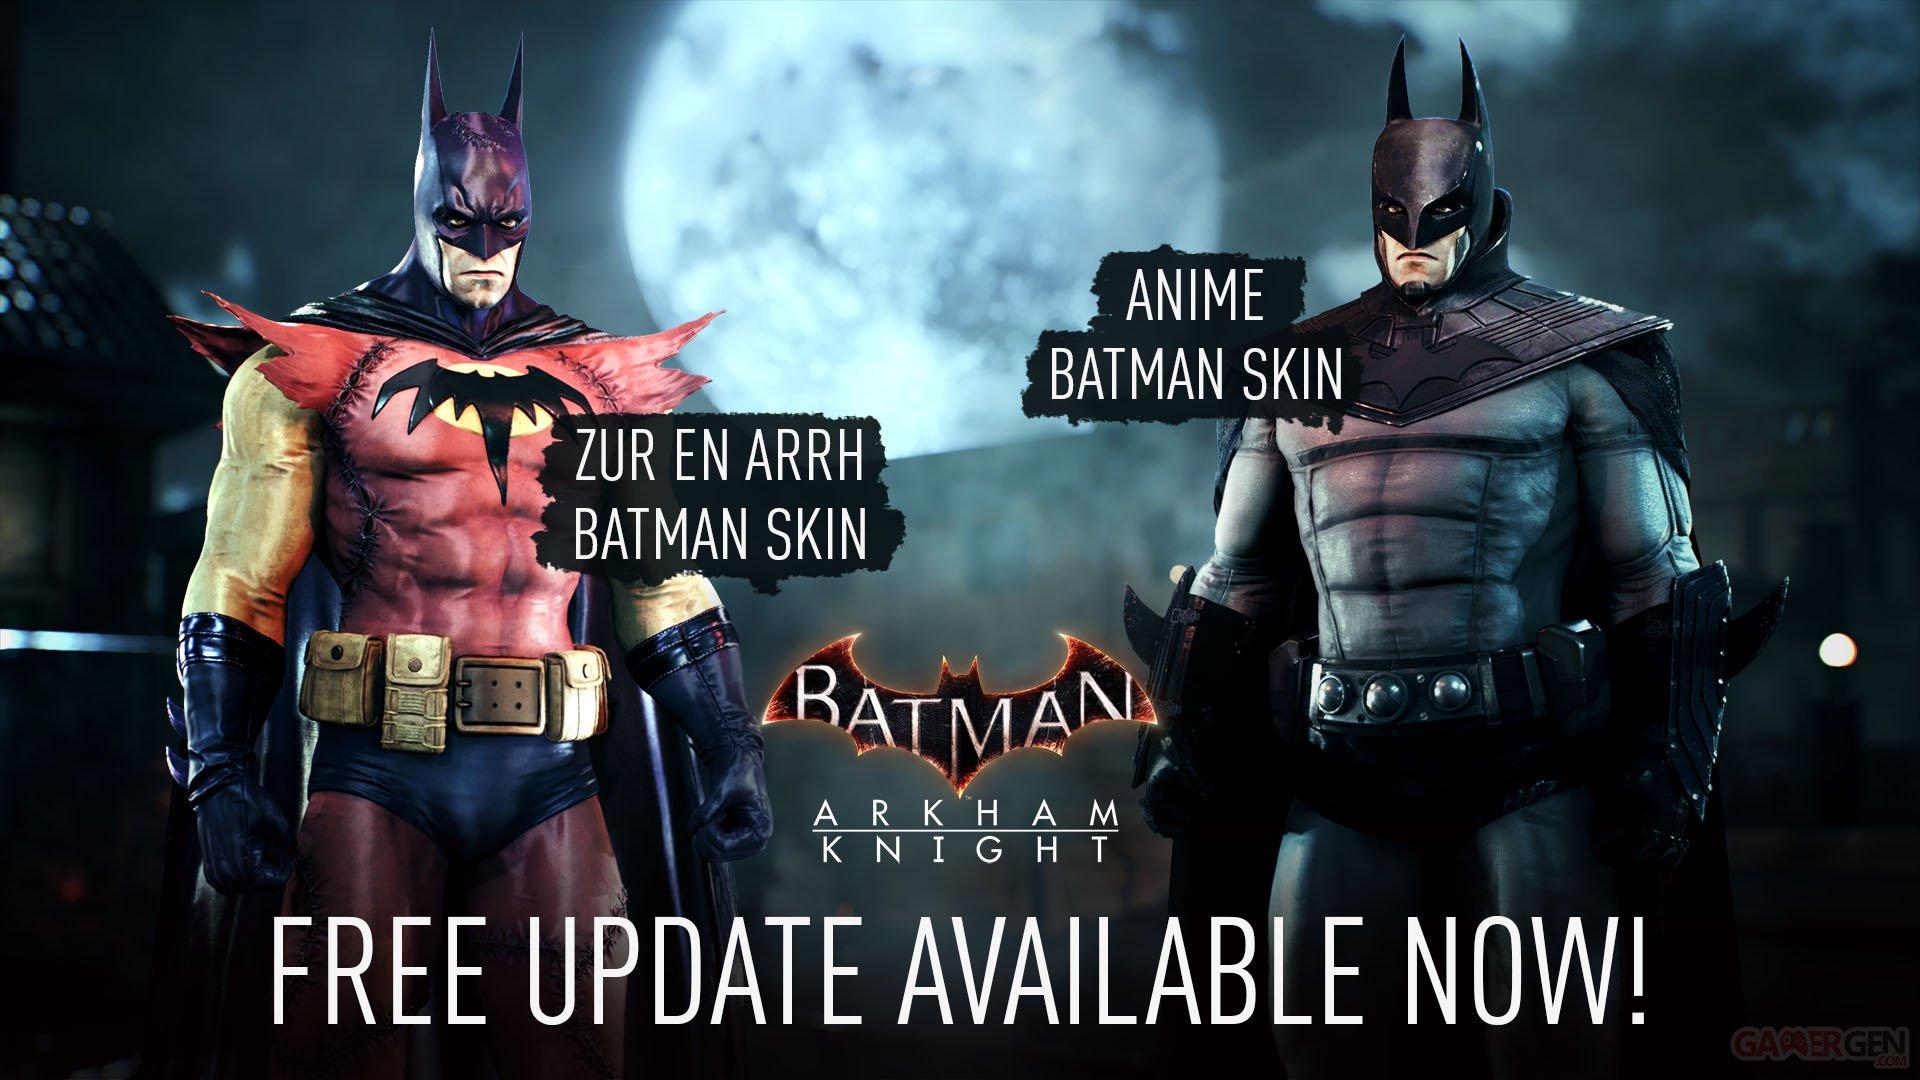 Batman Arkham Knight 5 Ans Plus Tard Une Mise A Jour 1 15 Avec 2 Costumes Gratuits Pour Tout Le Monde Gamergen Com